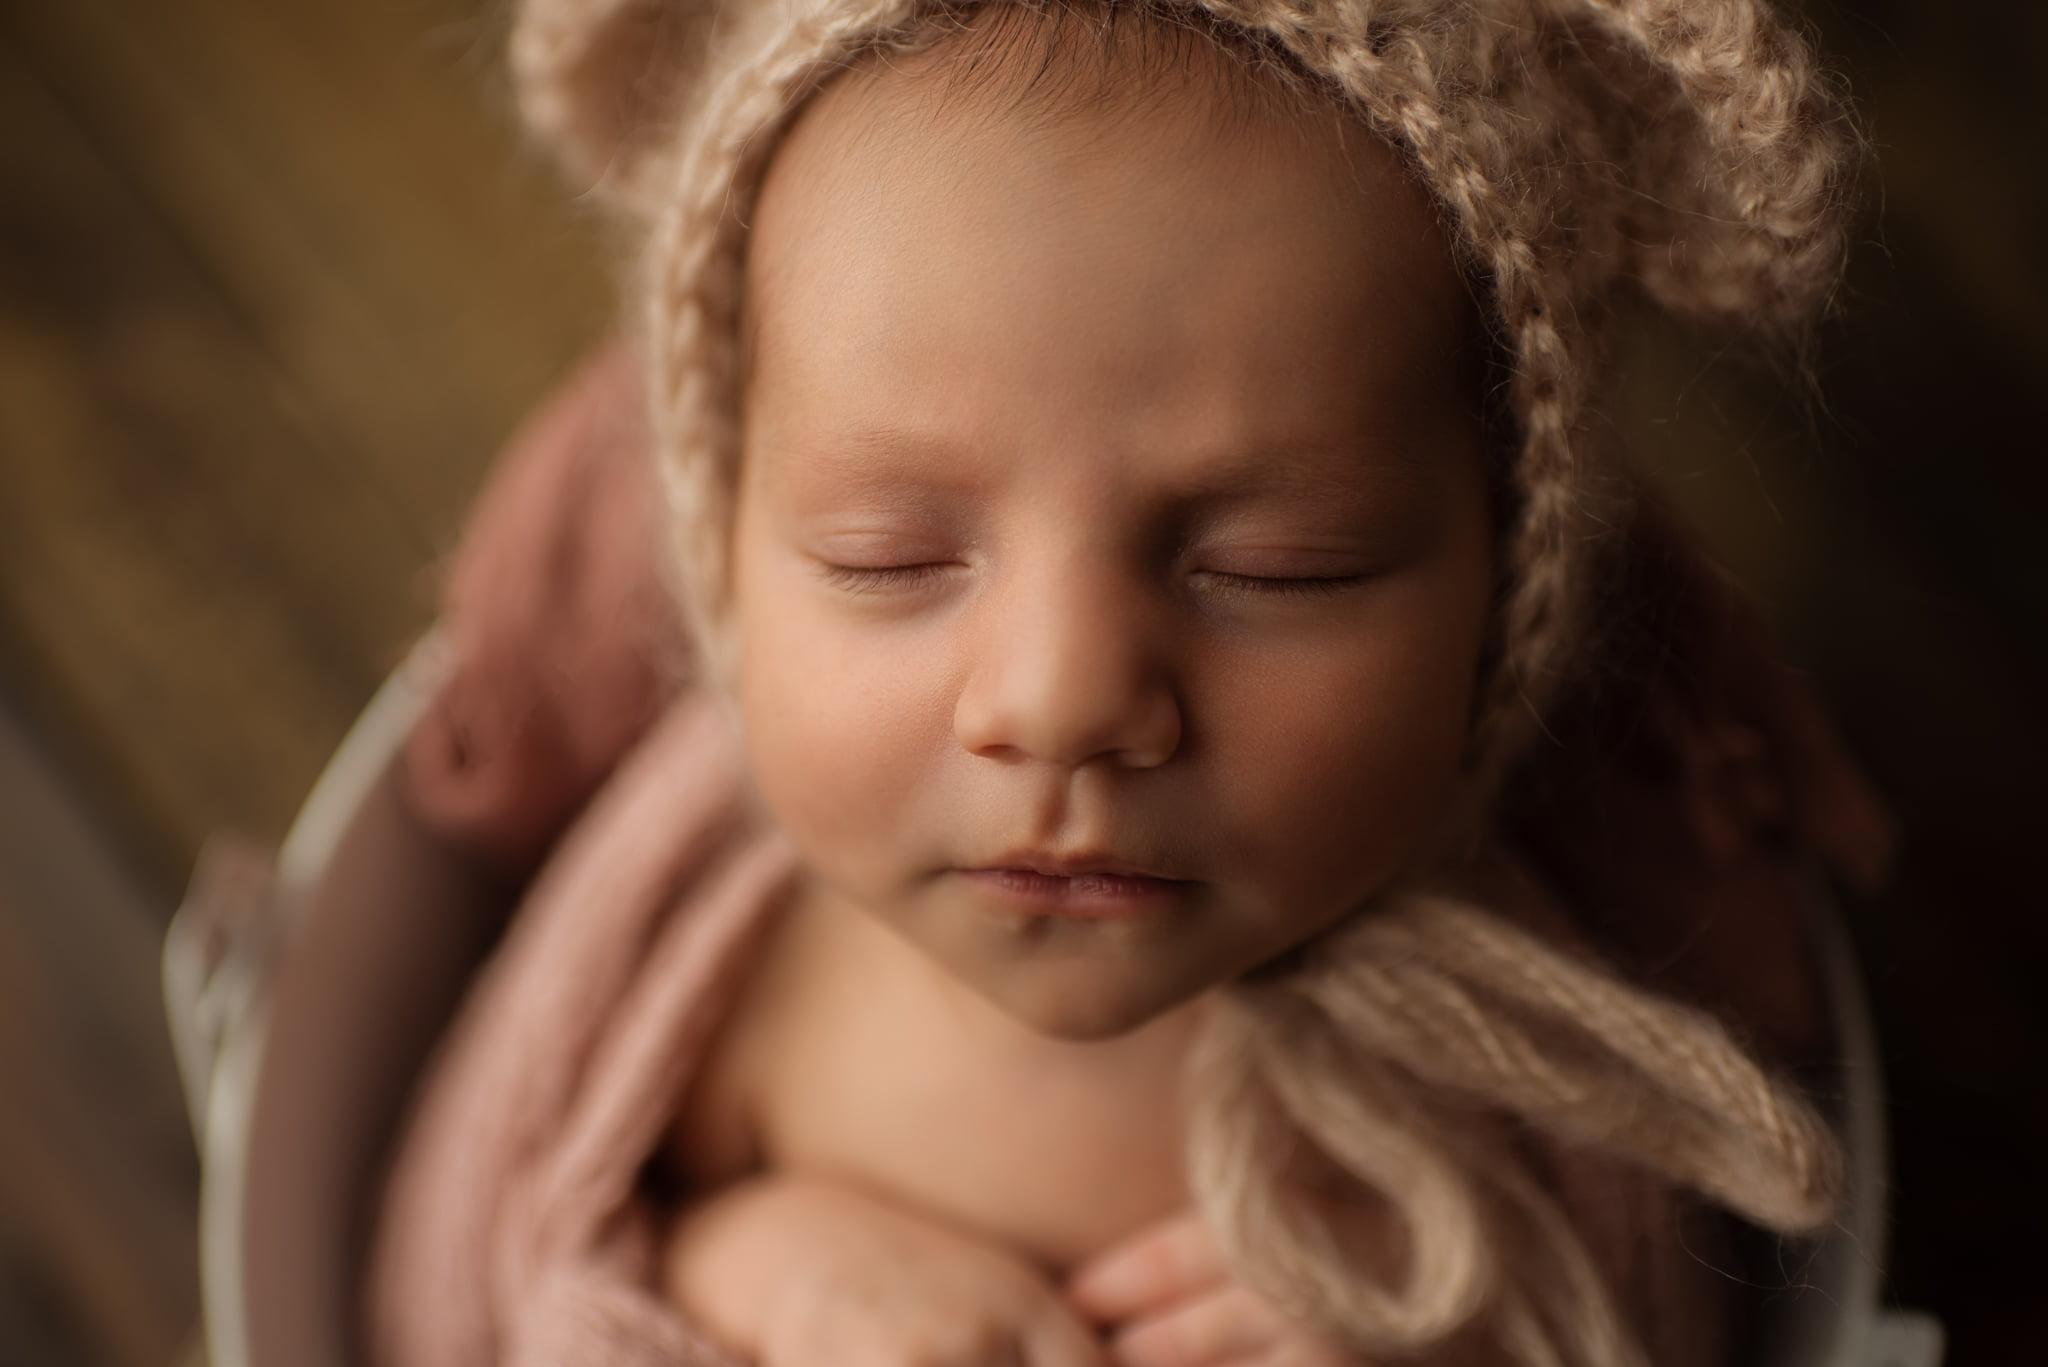 En mysig nyföddfotografering med Neia 3